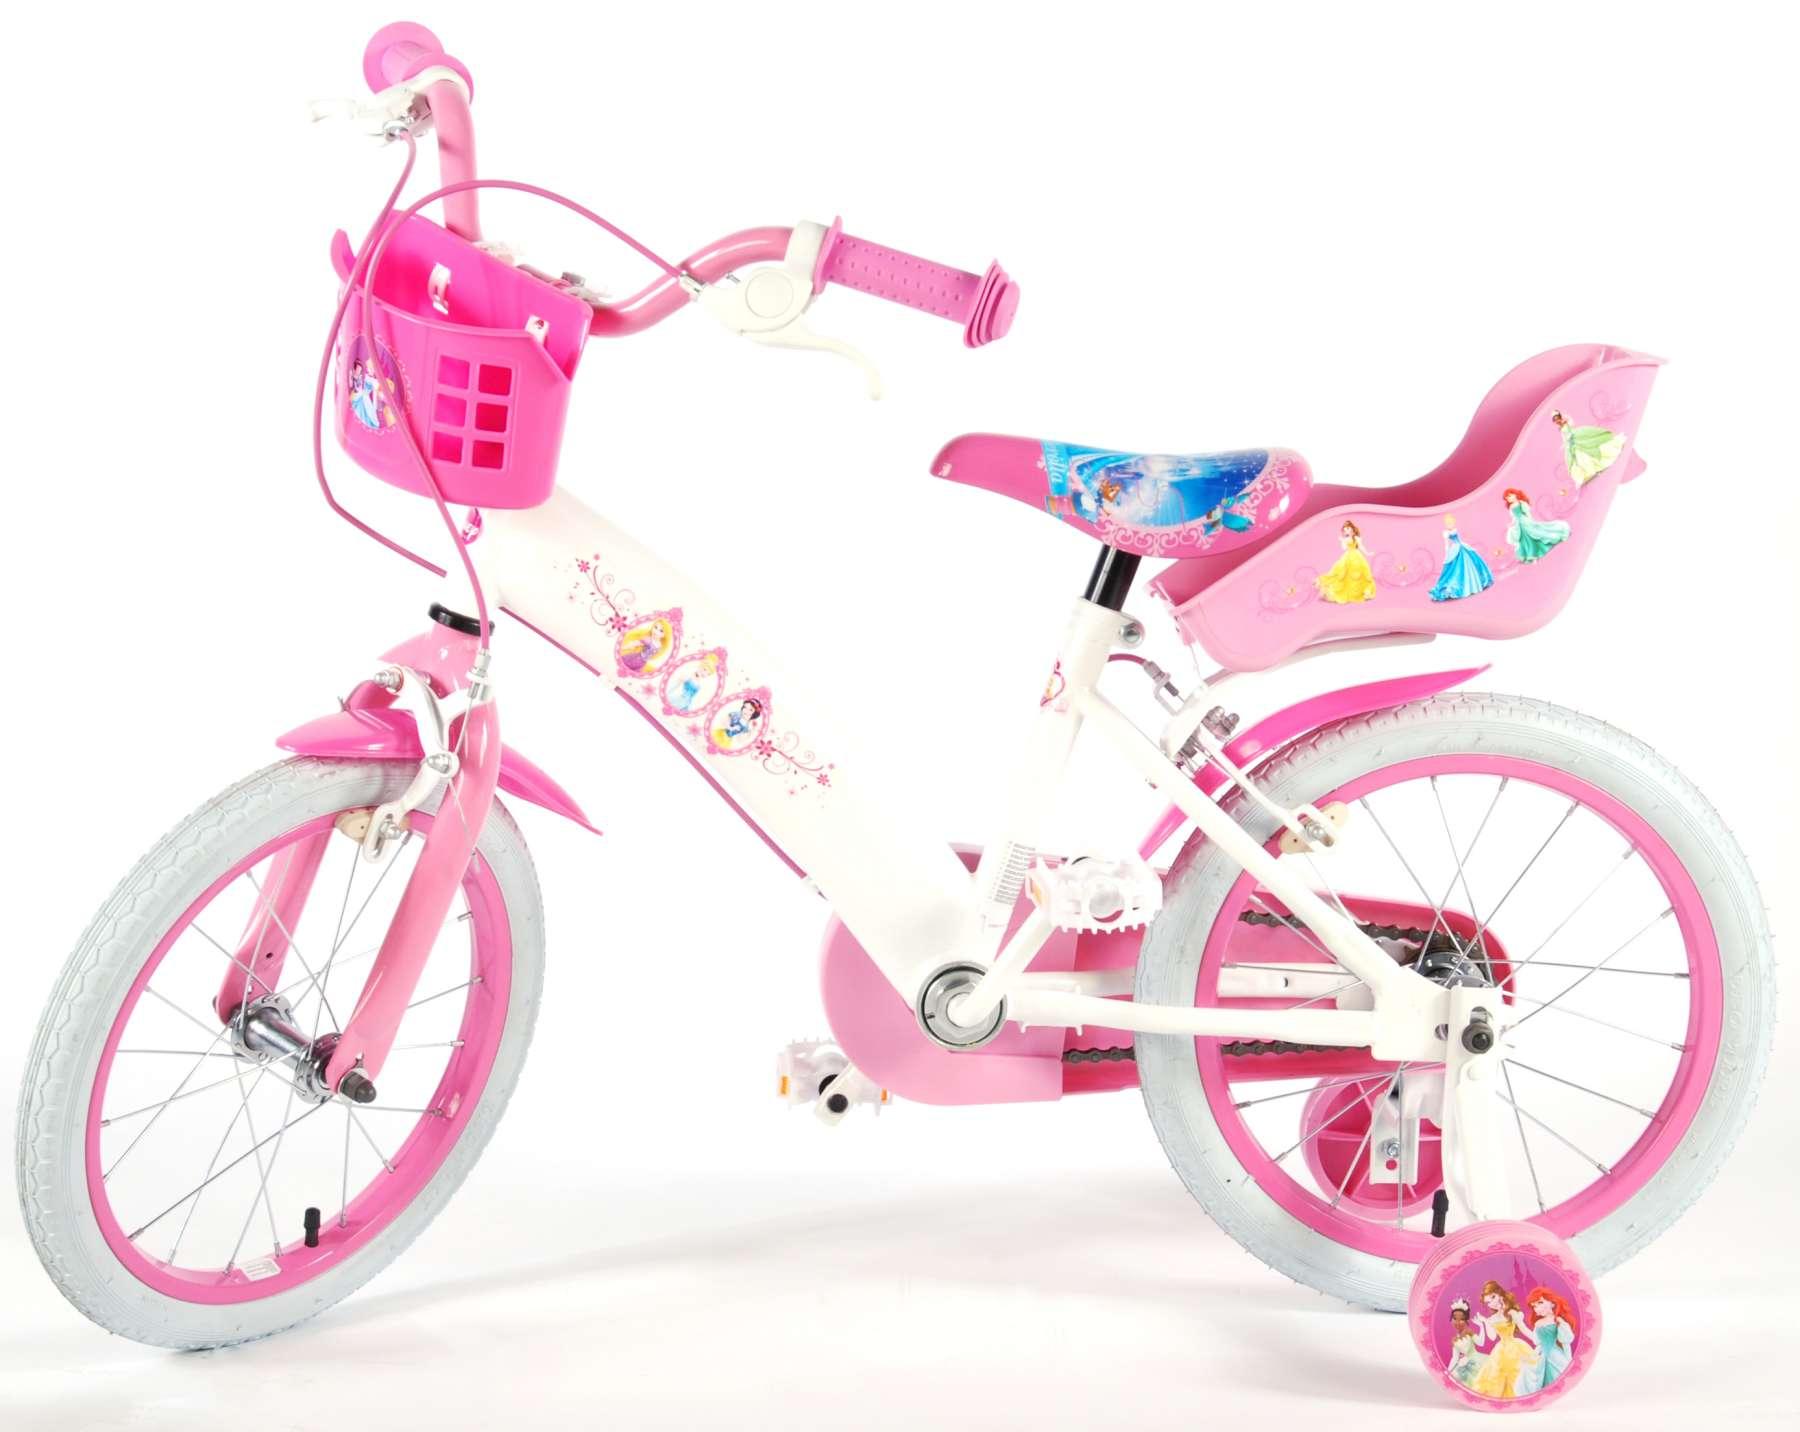 Rosa Pik/&Roll Prinzessin M/ädchen-Fahrrad 16 Zoll